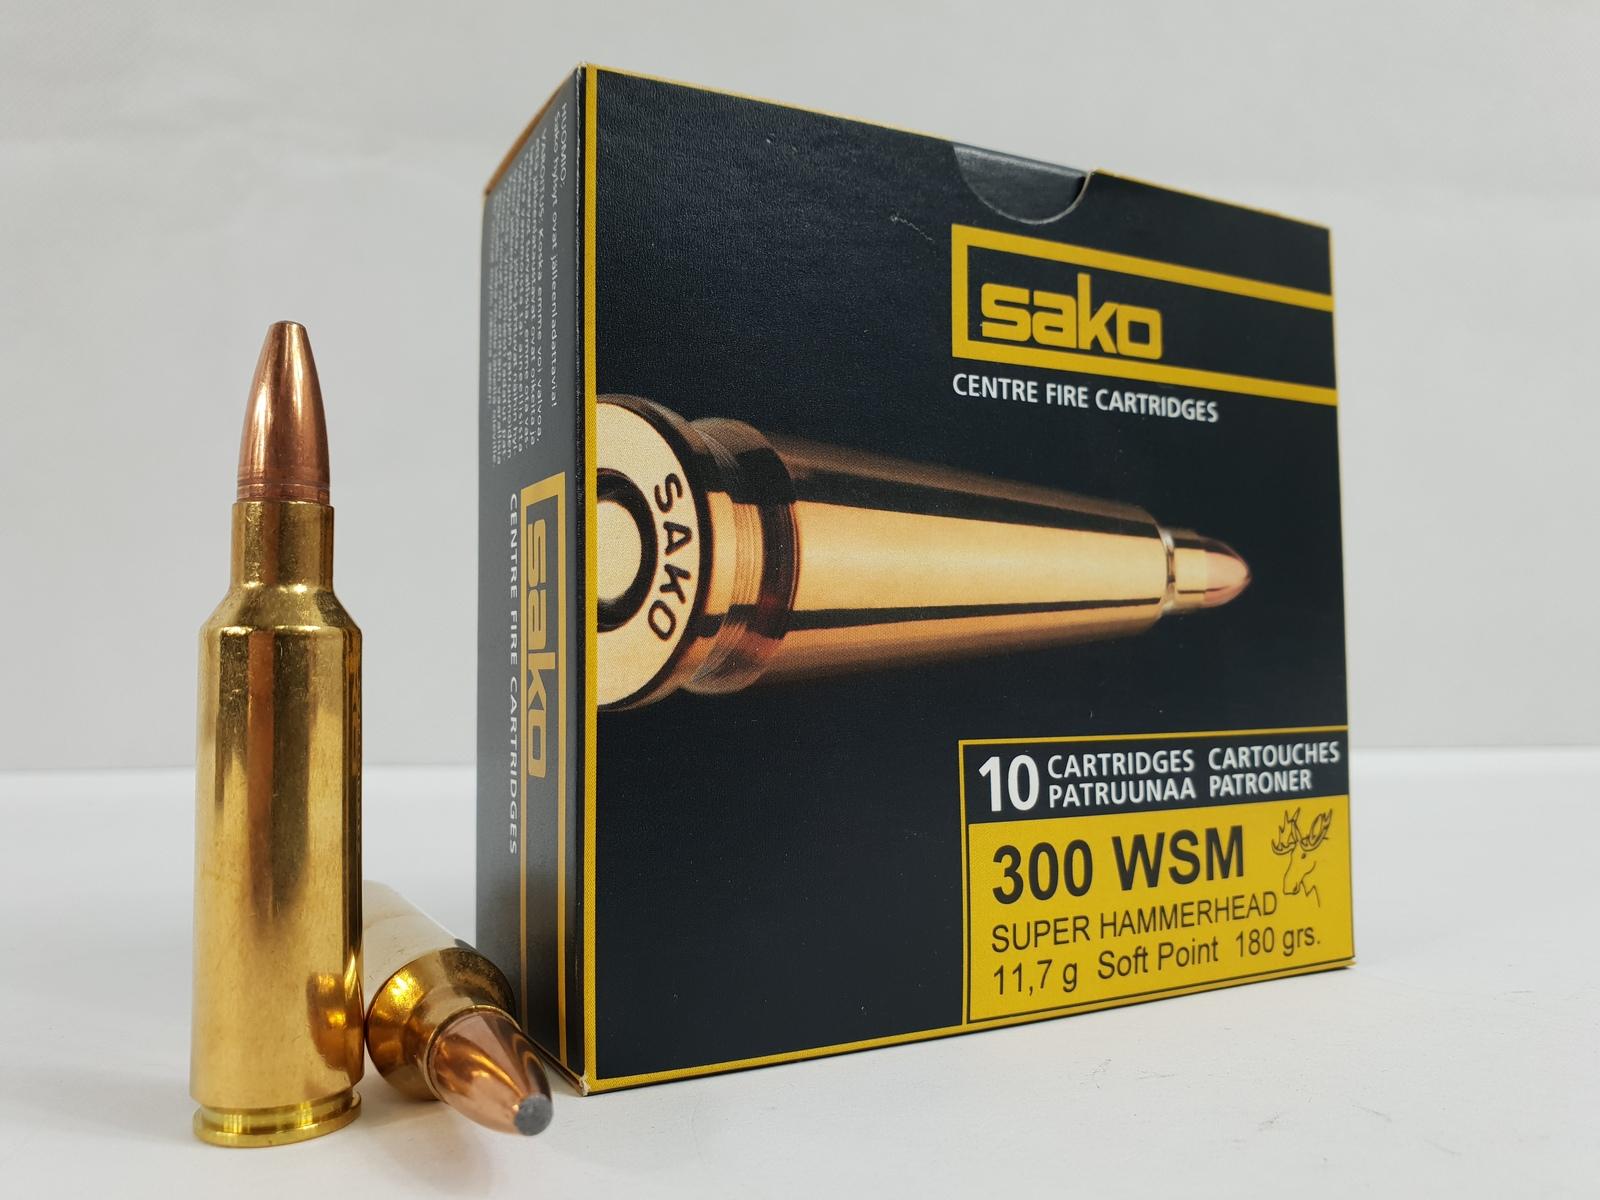 Sako 300 WSM Super Hammerhead 11,7g (236A) 10 kpl / ras